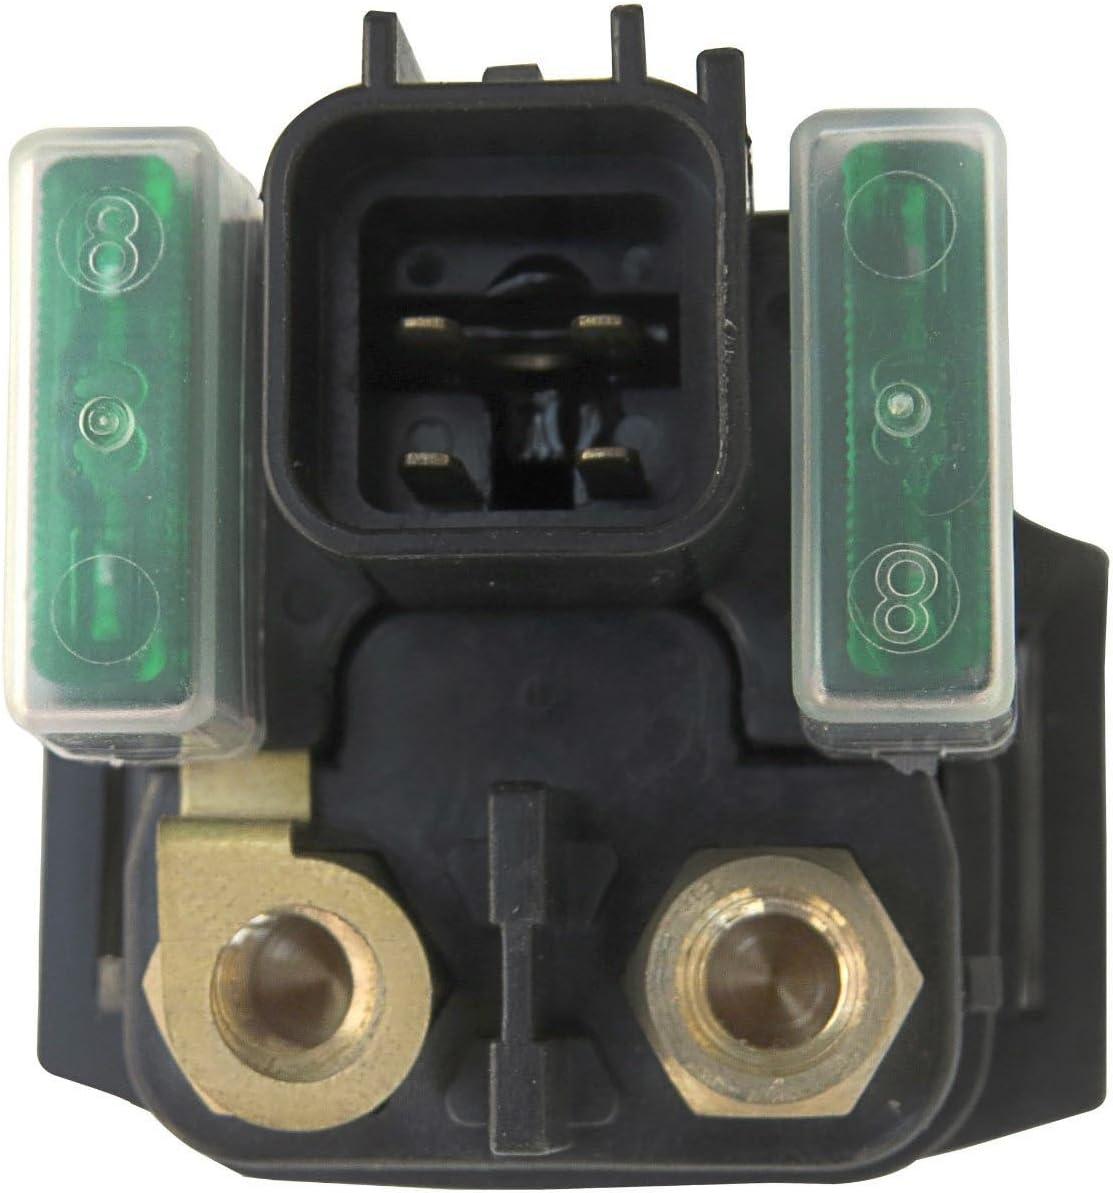 tl1000s wiring diagram suzuki tl1000s fuse box wiring diagrams posts  suzuki tl1000s fuse box wiring